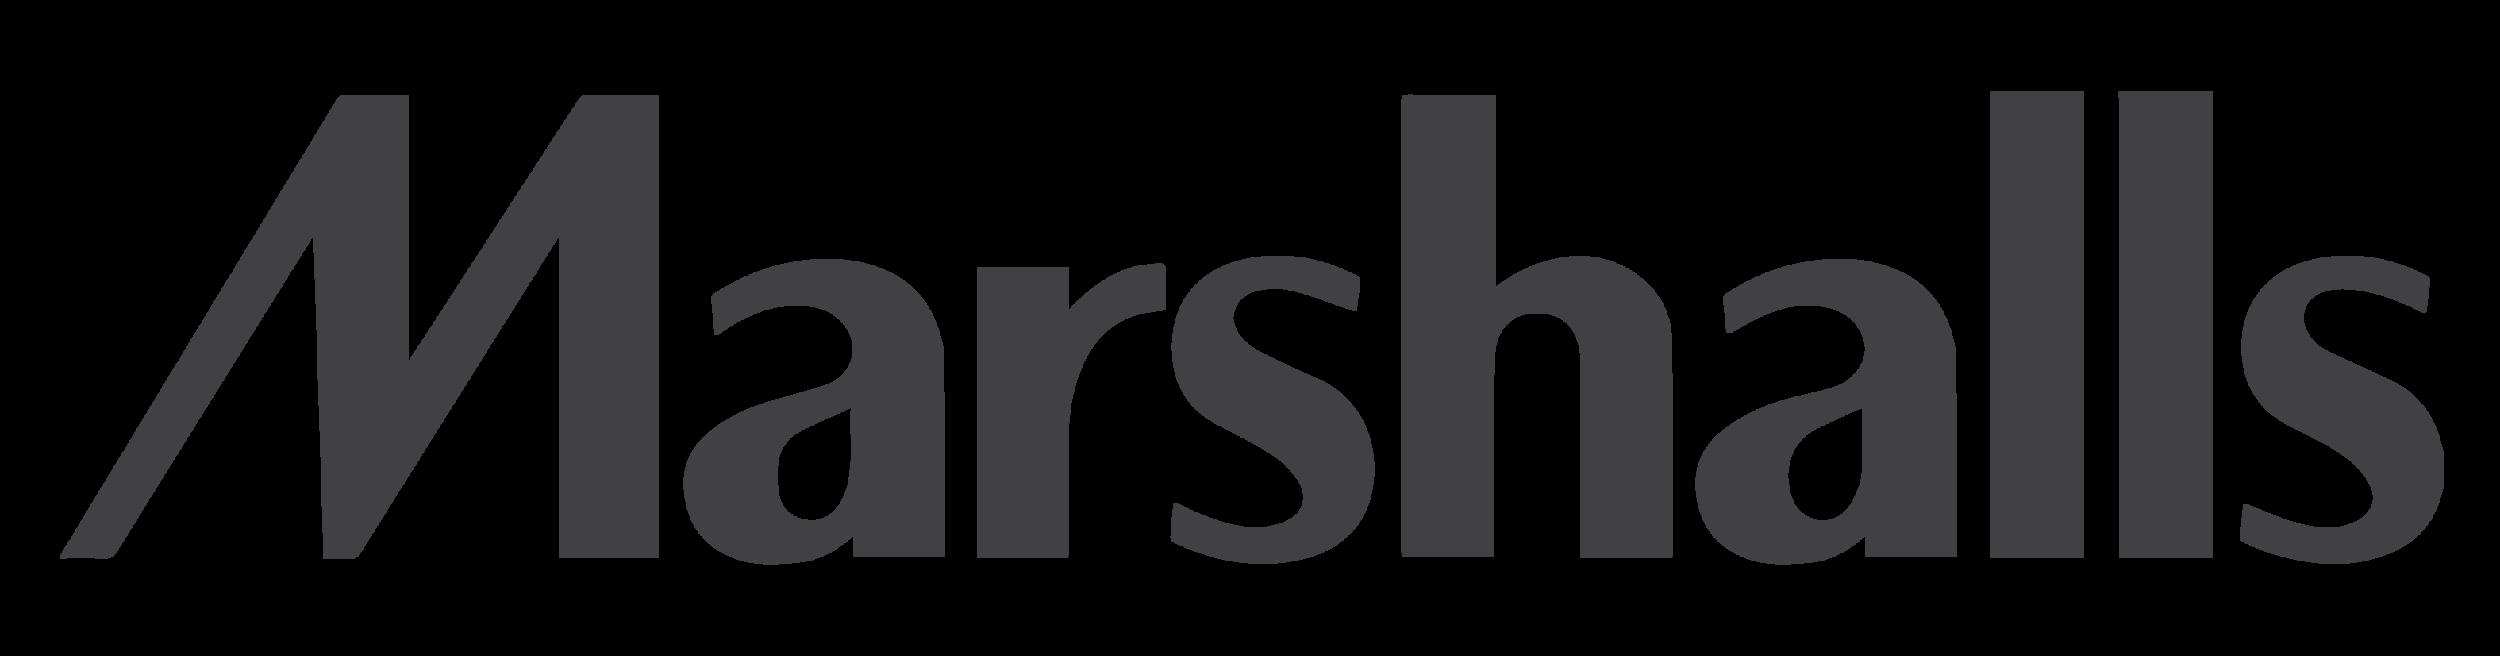 Marshalls_BWWeb-01.png